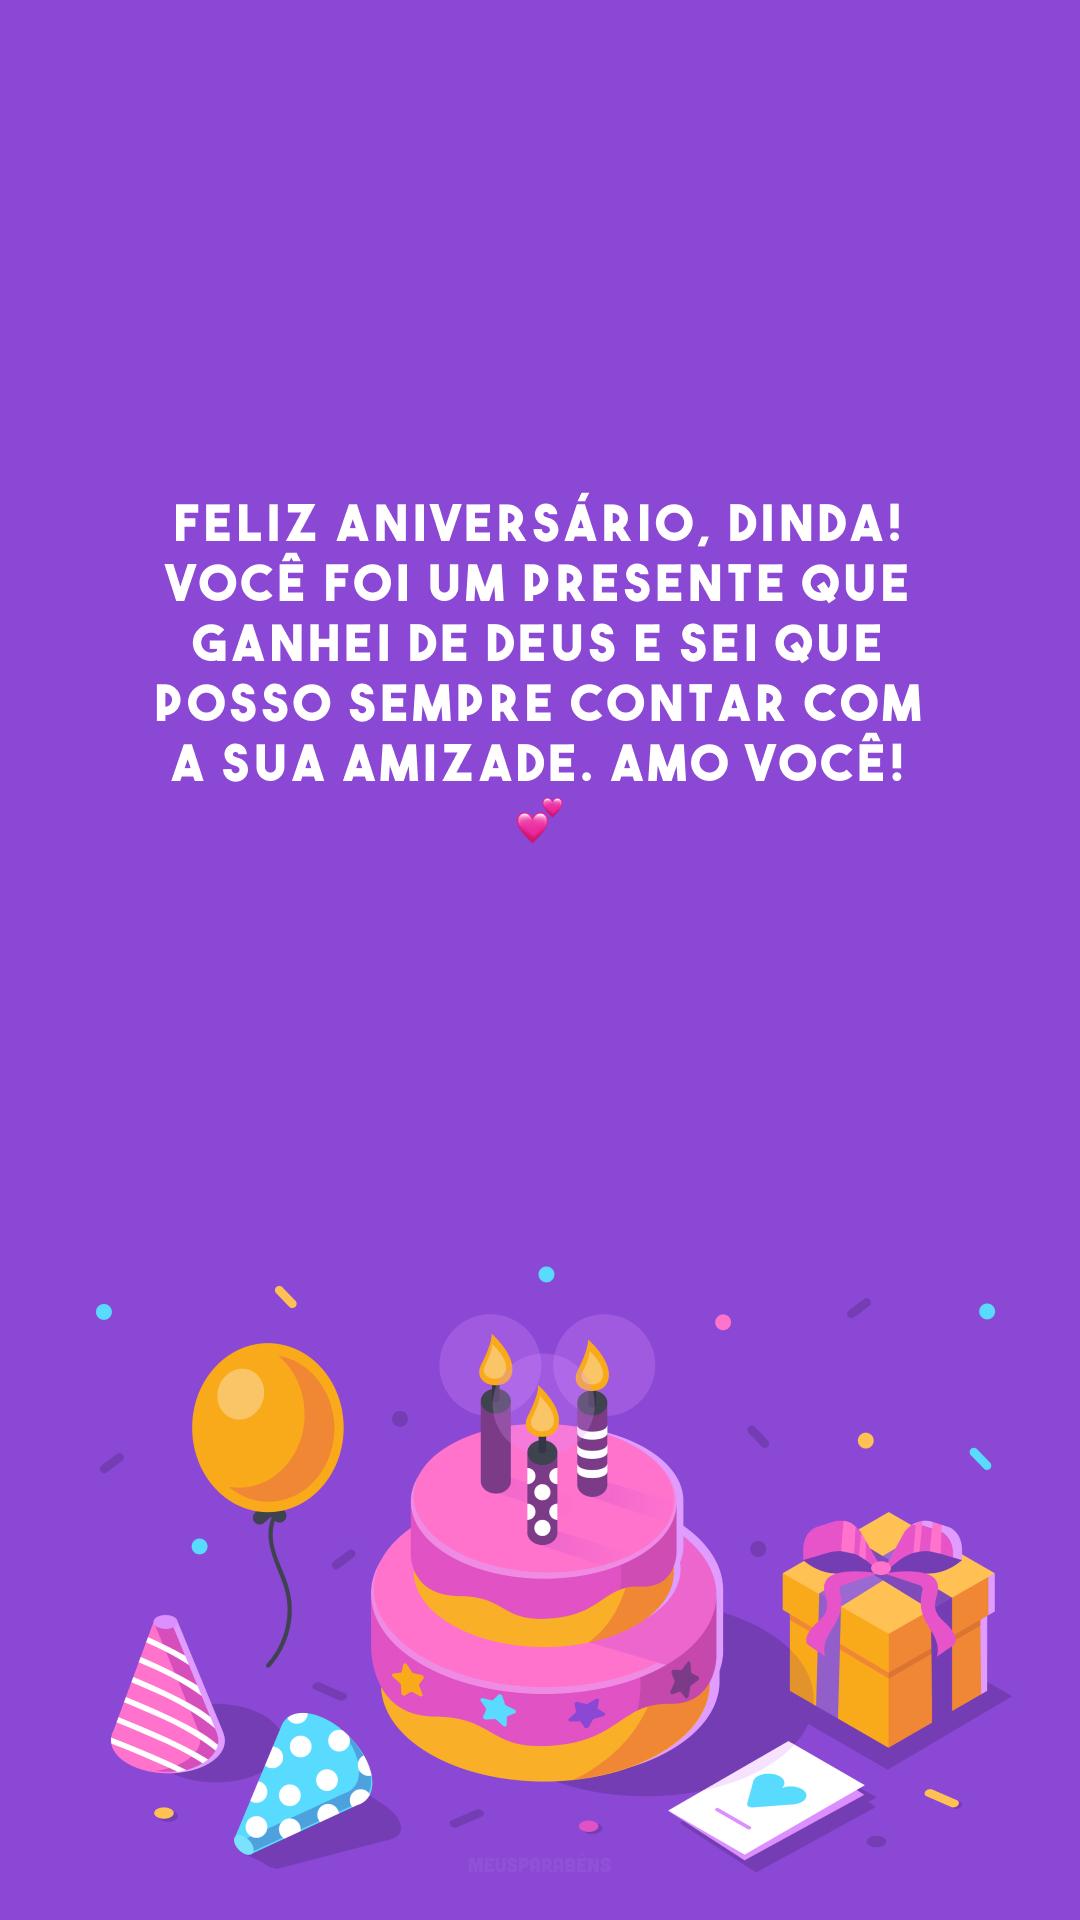 Feliz aniversário, dinda! Você foi um presente que ganhei de Deus e sei que posso sempre contar com a sua amizade. Amo você! 💕